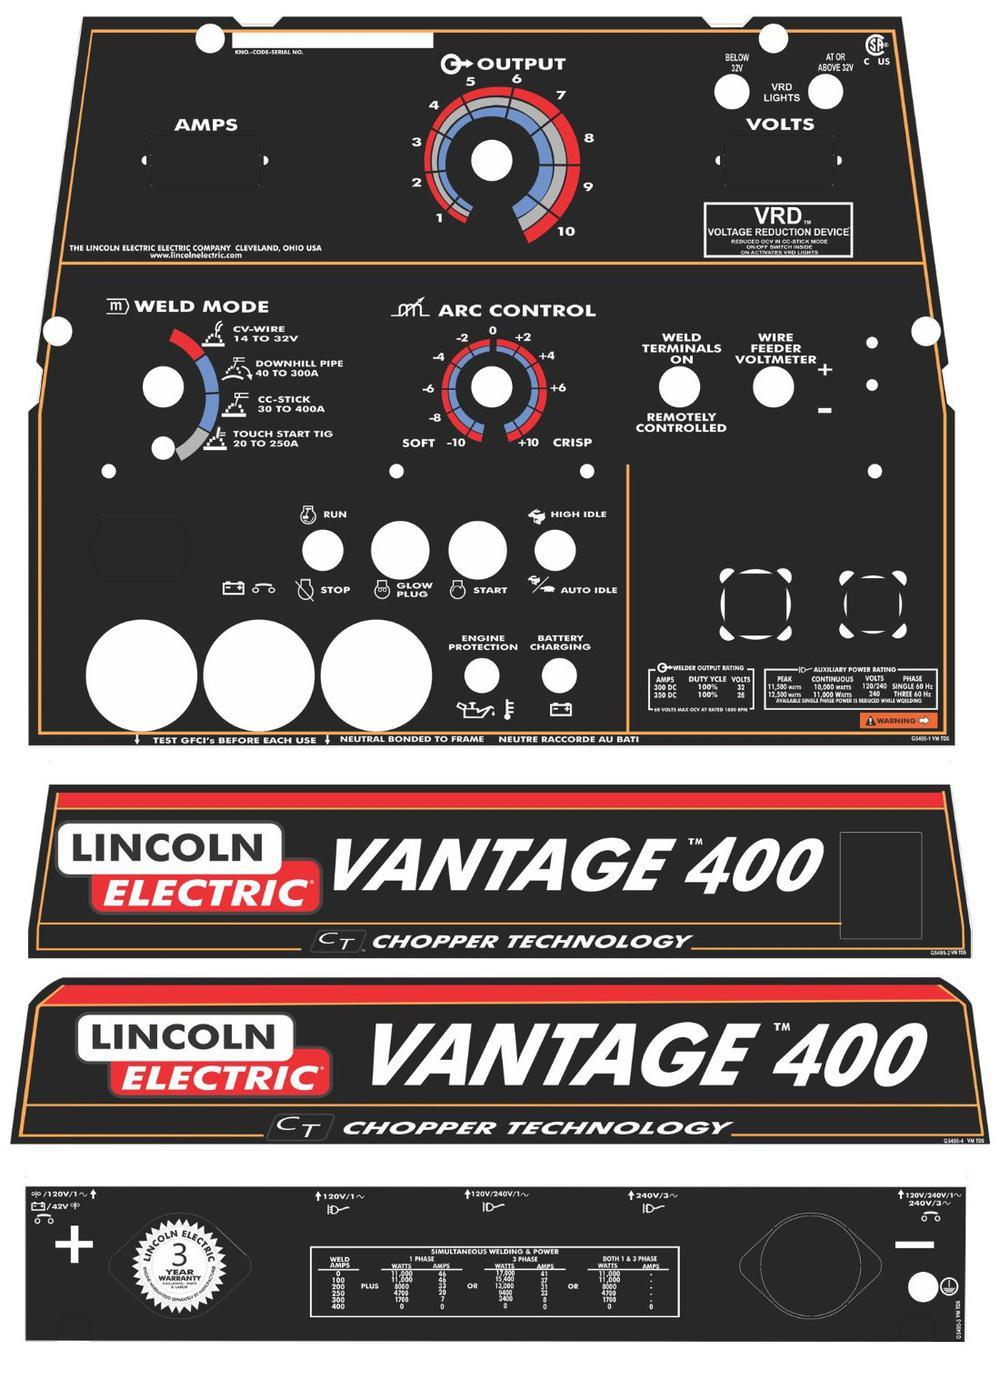 Lincoln Welder Stickers Satu Sticker Vantage 400 Wiring Diagram Control Plates Decals Miller Welders